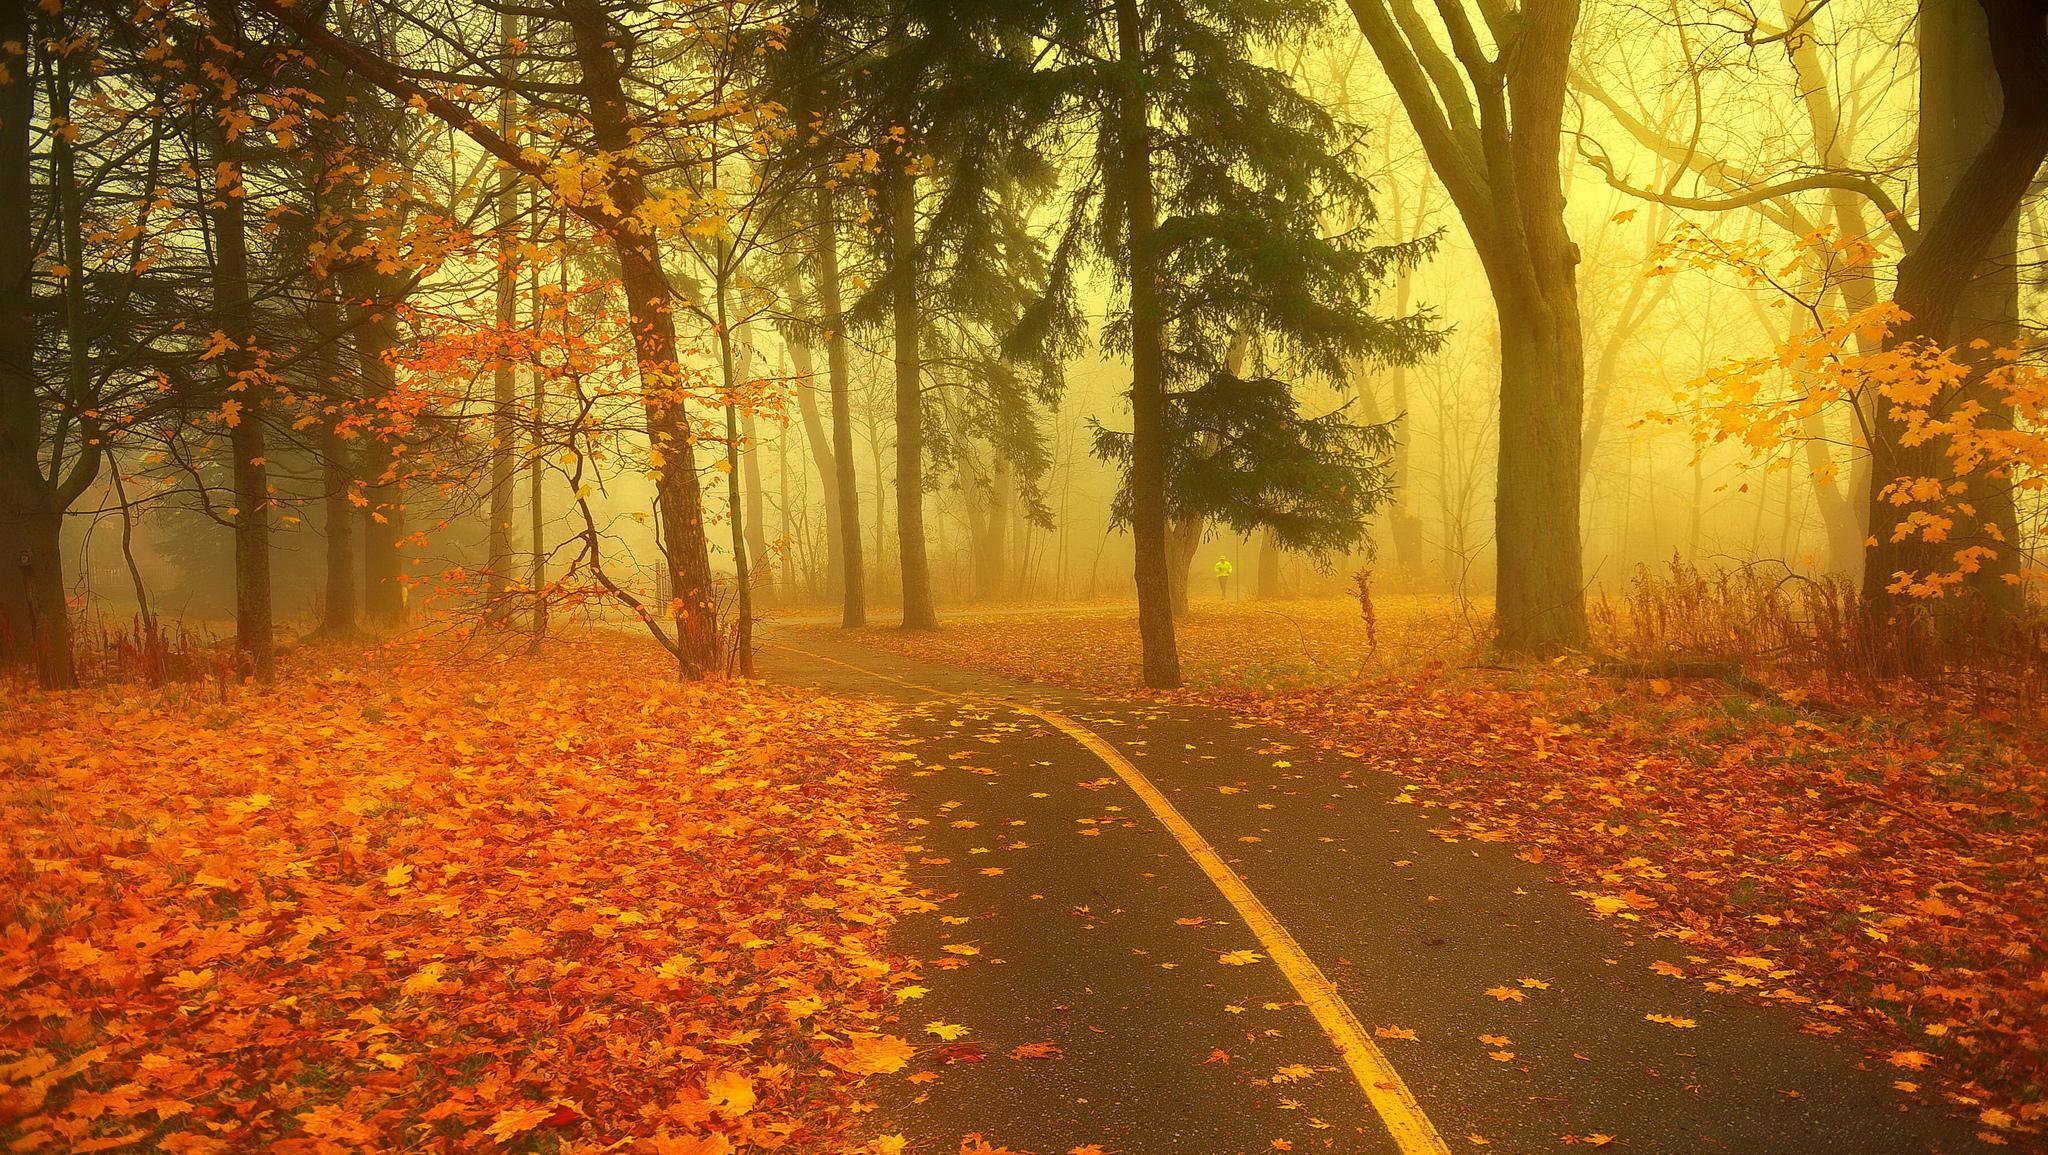 осень листья дорога загрузить